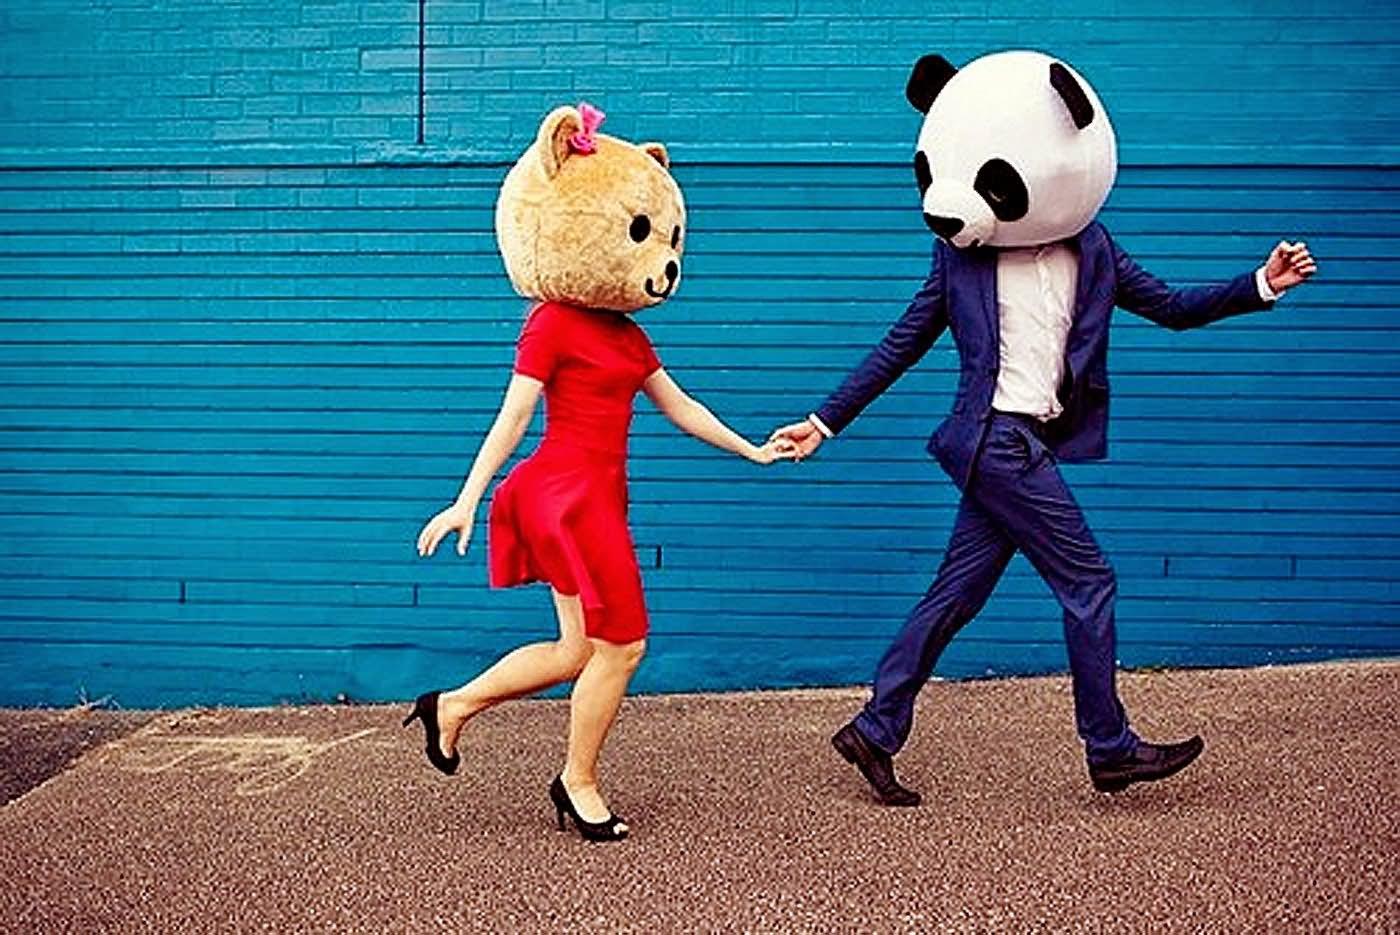 Imagen de dos personas andando, una vestida con un vestido rojo y la otra con un traje azul. Ambas llevan en la cabeza una cabeza de disfraz